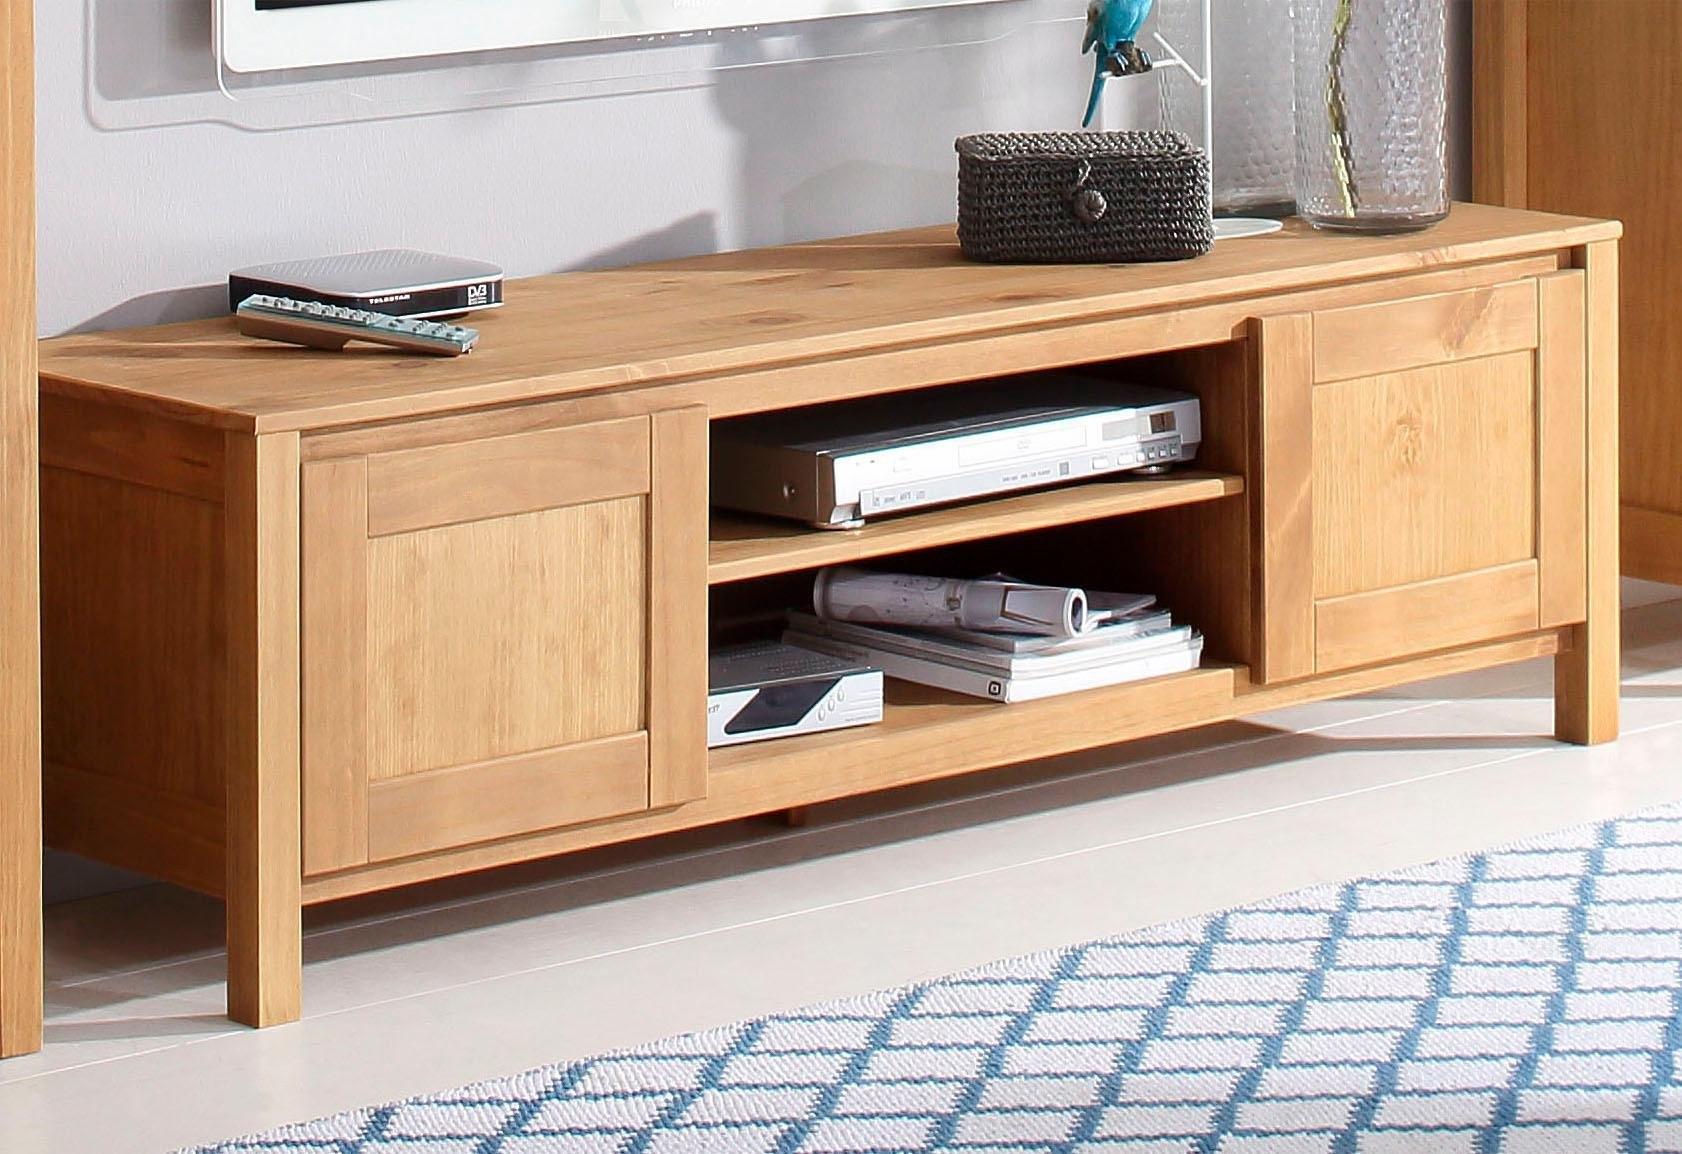 Home Affaire TV-meubel »Kubo«, breedte 150 cm in een tijdloos design bestellen: 14 dagen bedenktijd